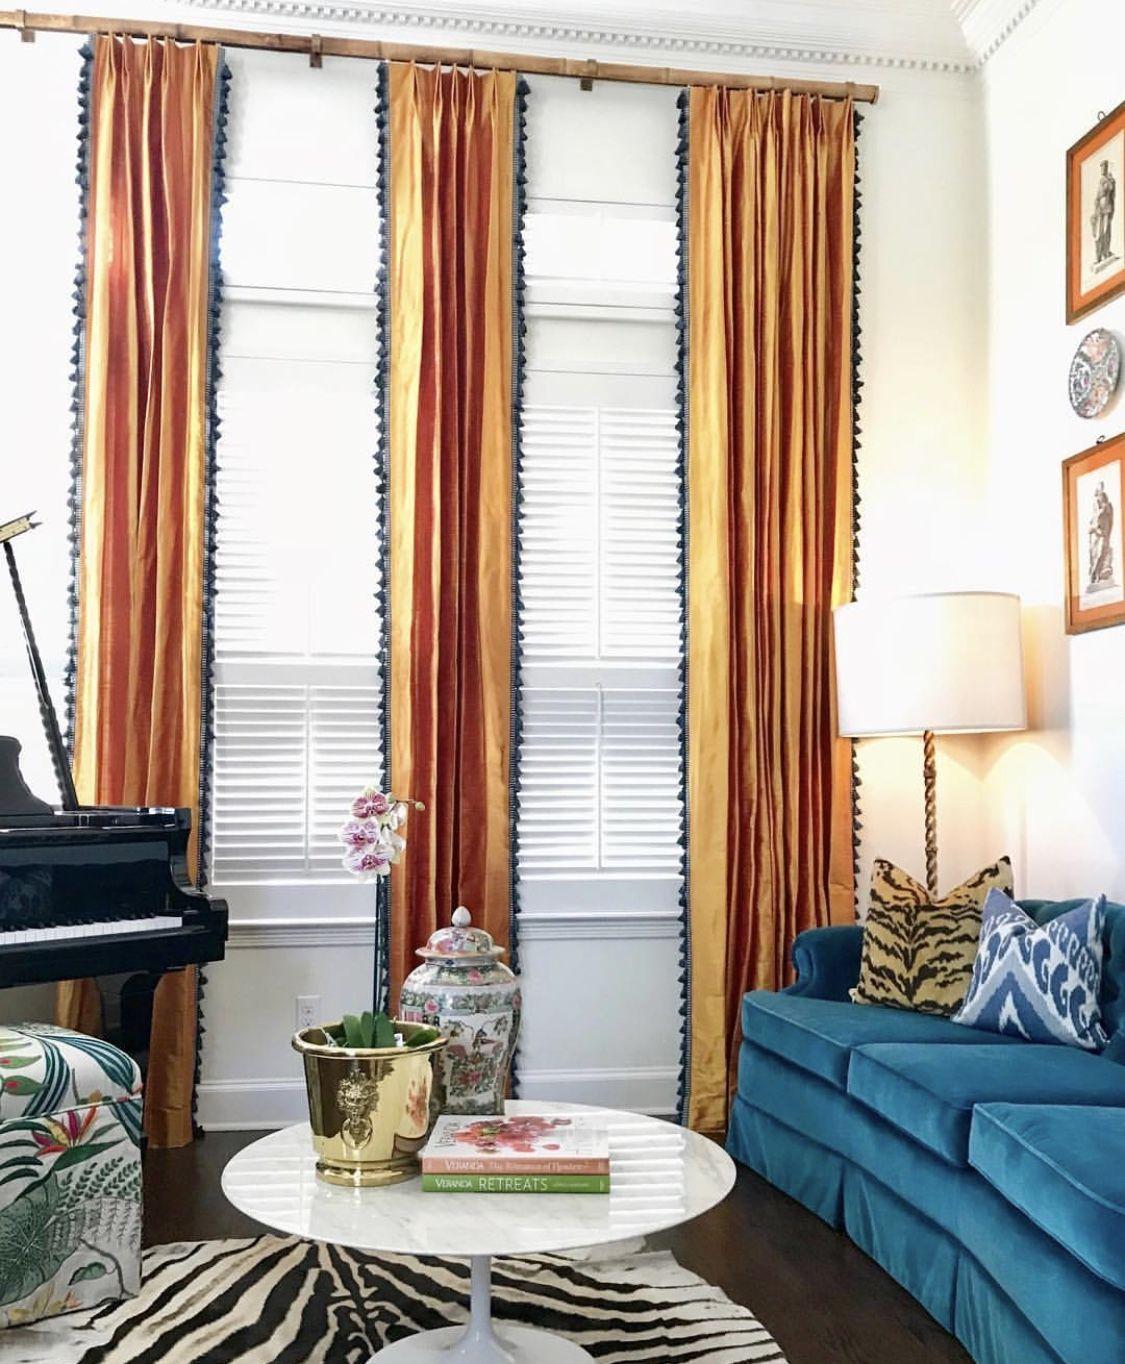 Curtain Rods Drapery Hardware Antique Drapery Rod Company